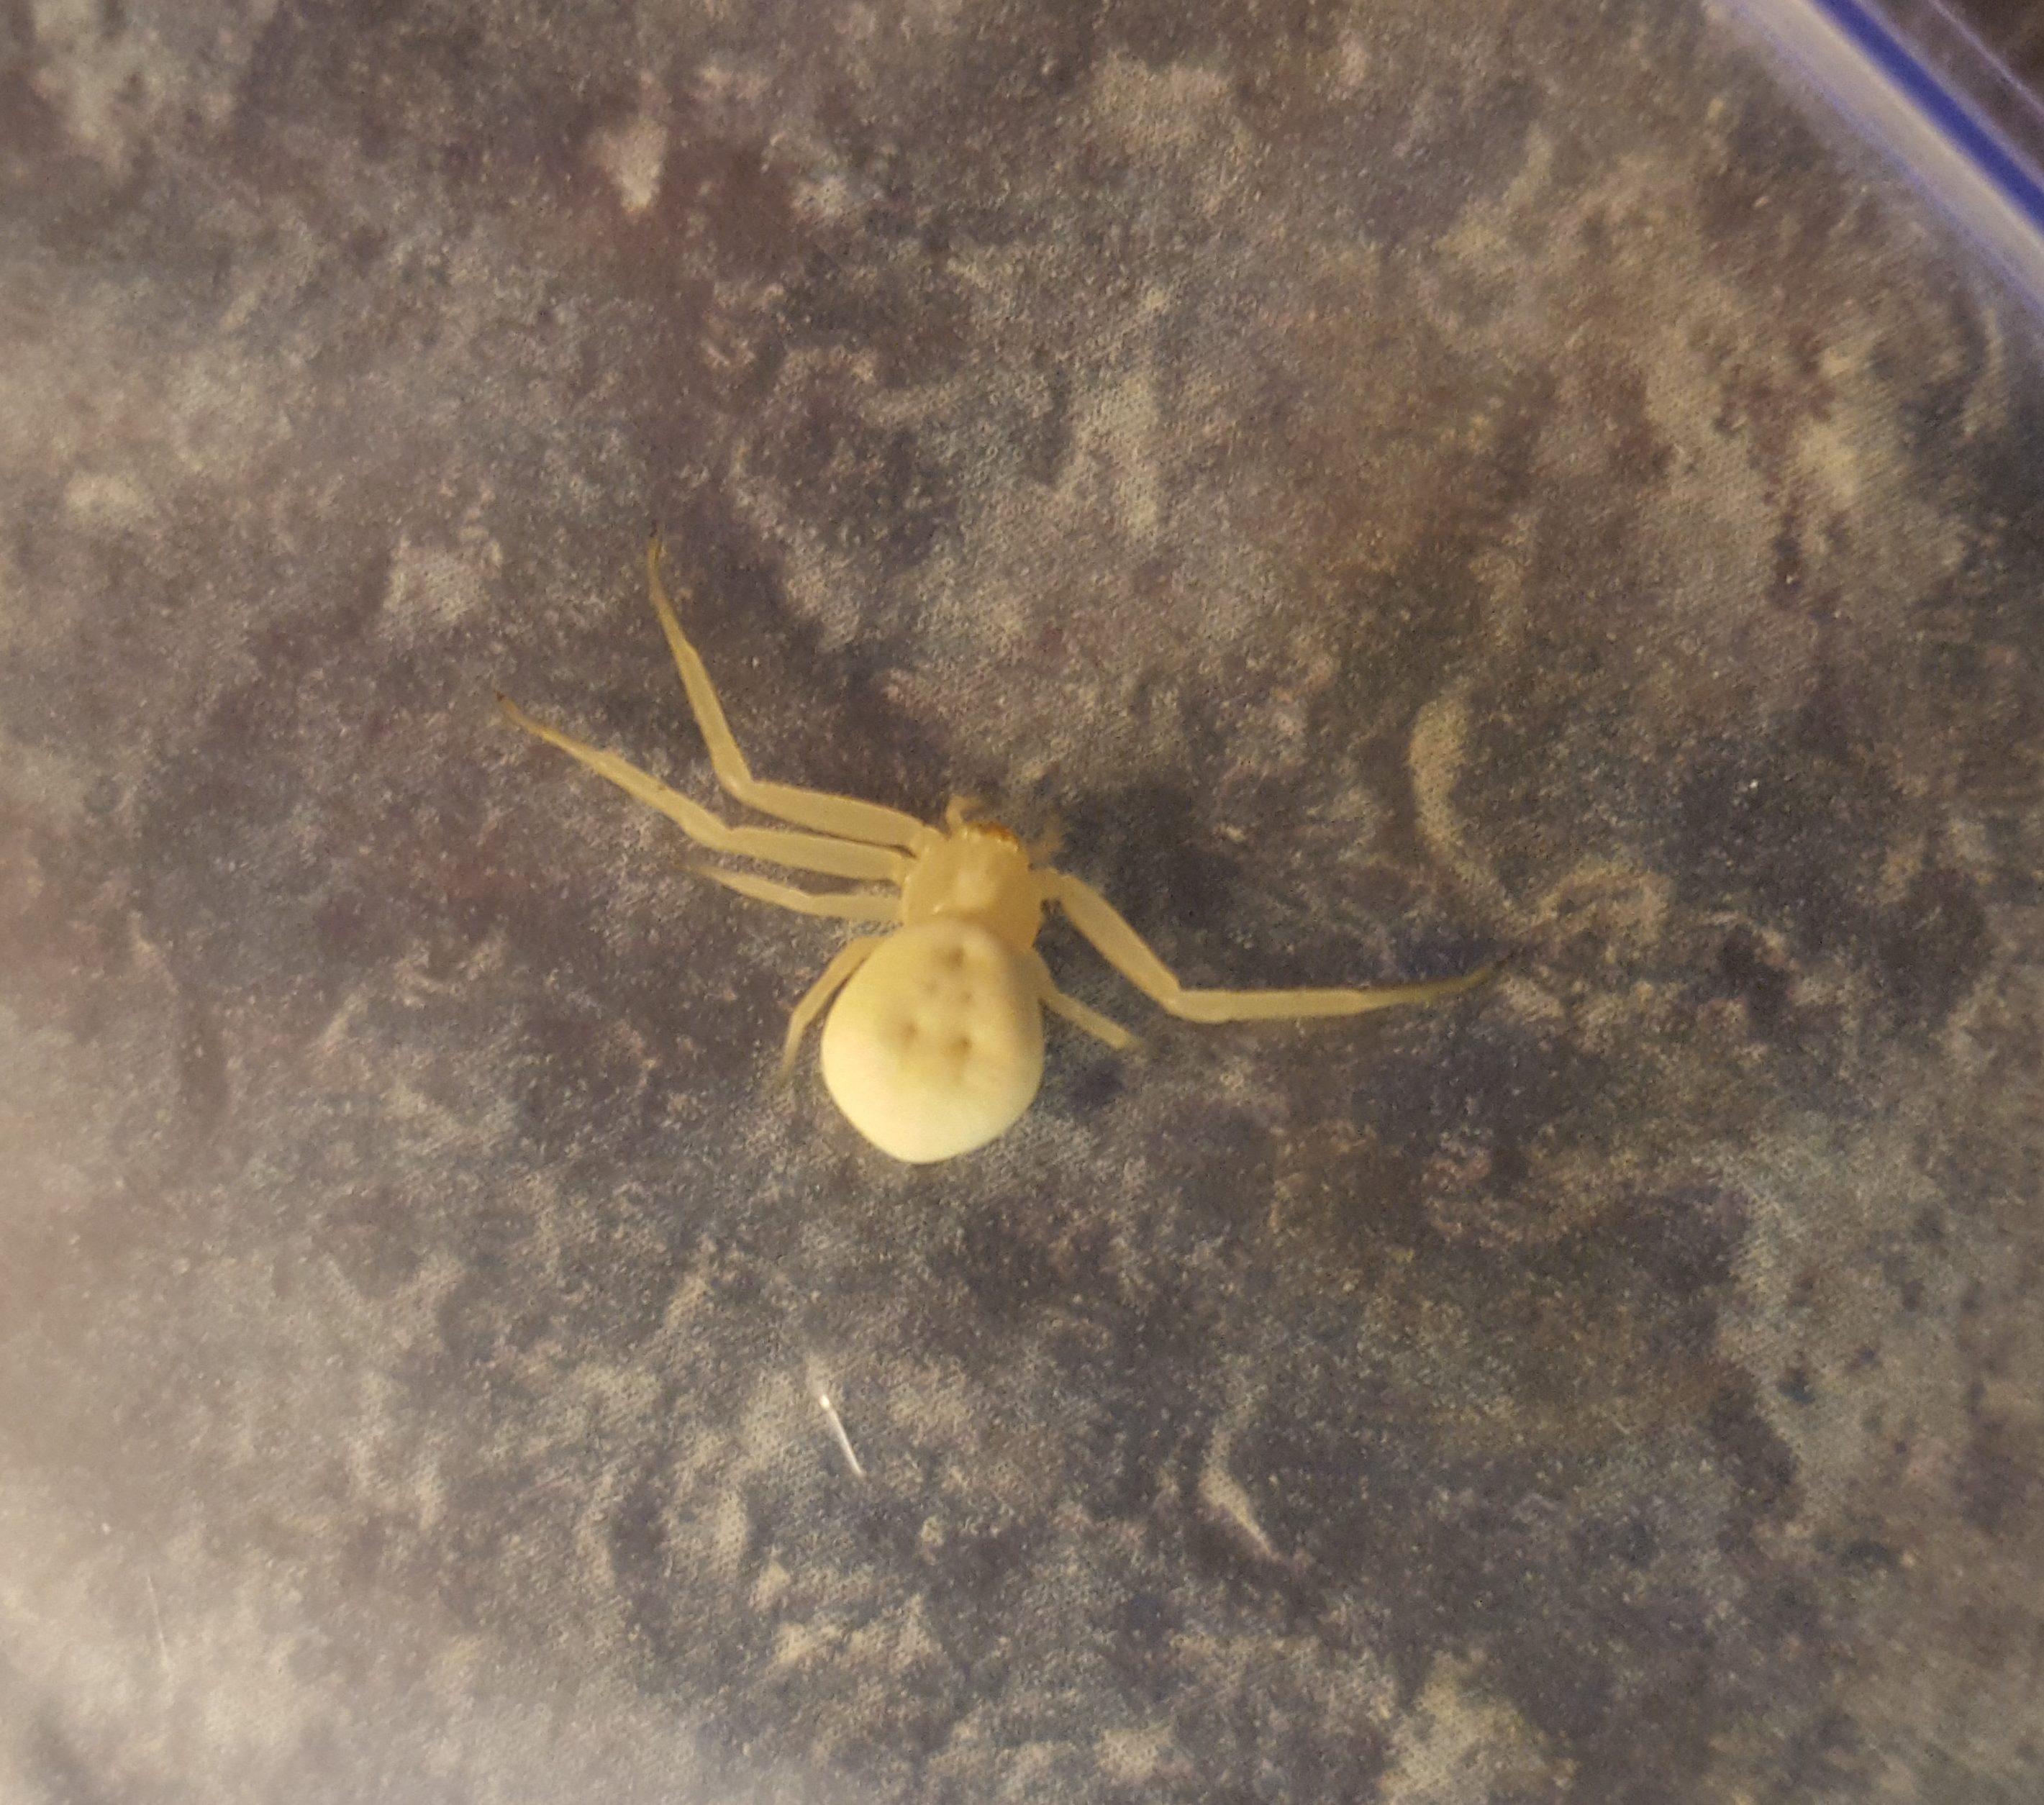 Picture of Misumena vatia (Golden-rod Crab Spider) - Dorsal